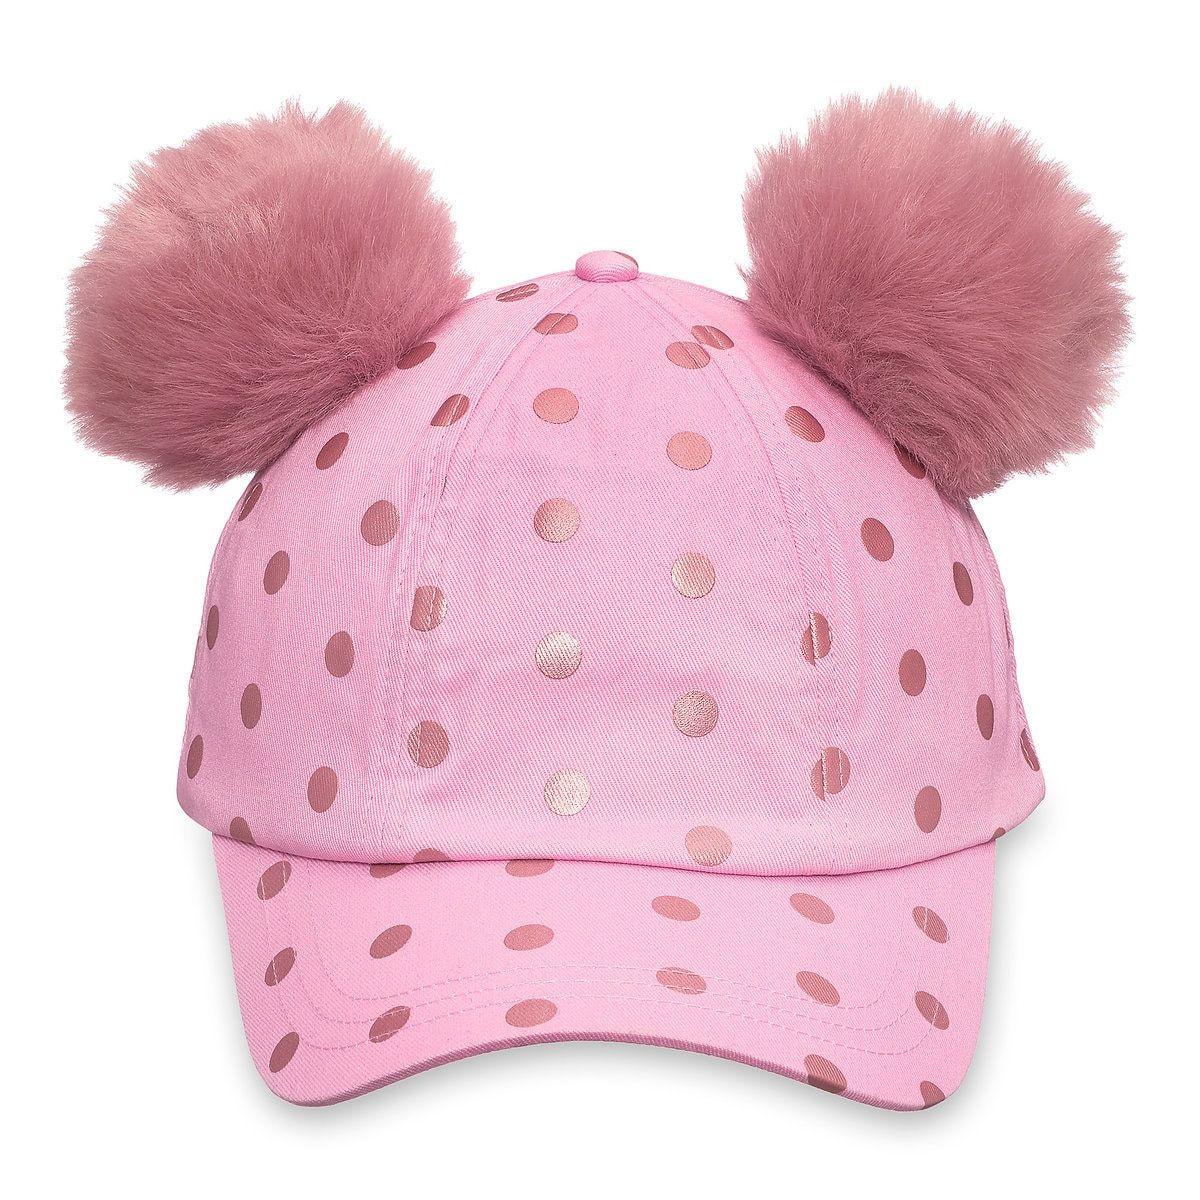 Black Disney Minnie Mouse Polka Dot Pom Pom Baseball Cap